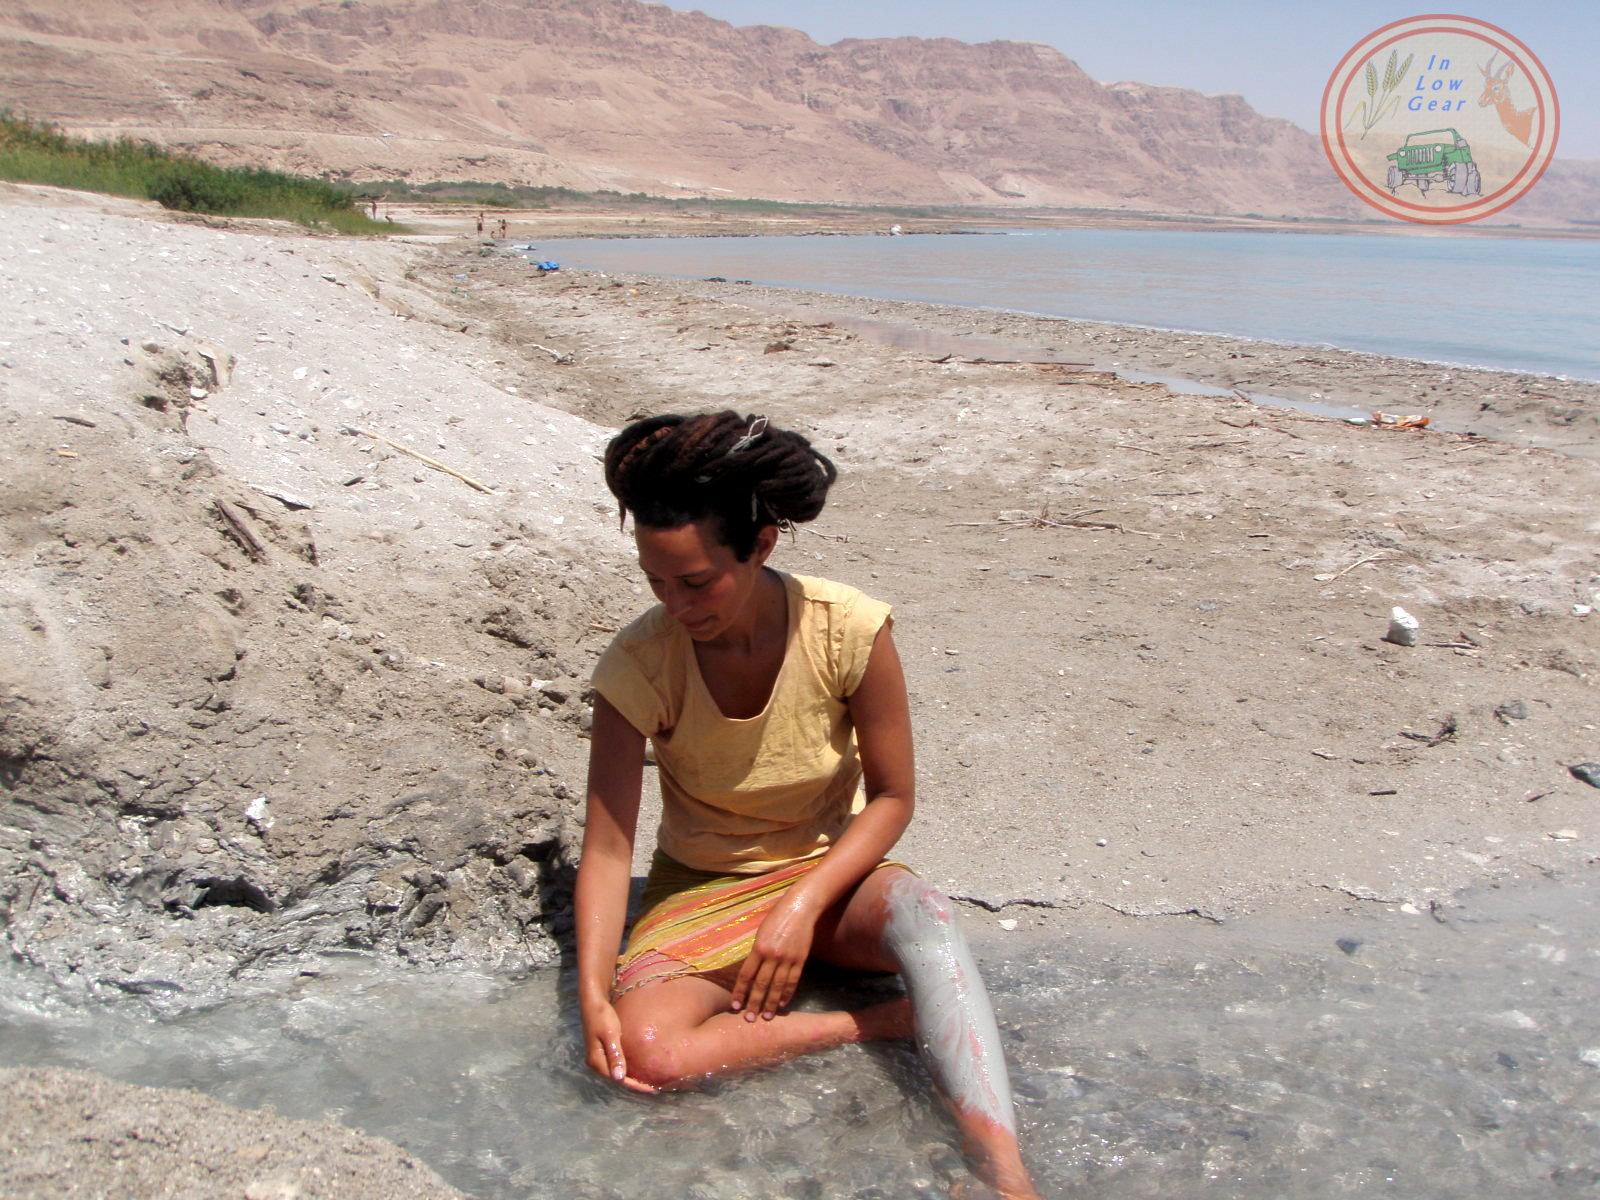 Metzoke Dragot Dead Sea fresh water springs jeep tours.